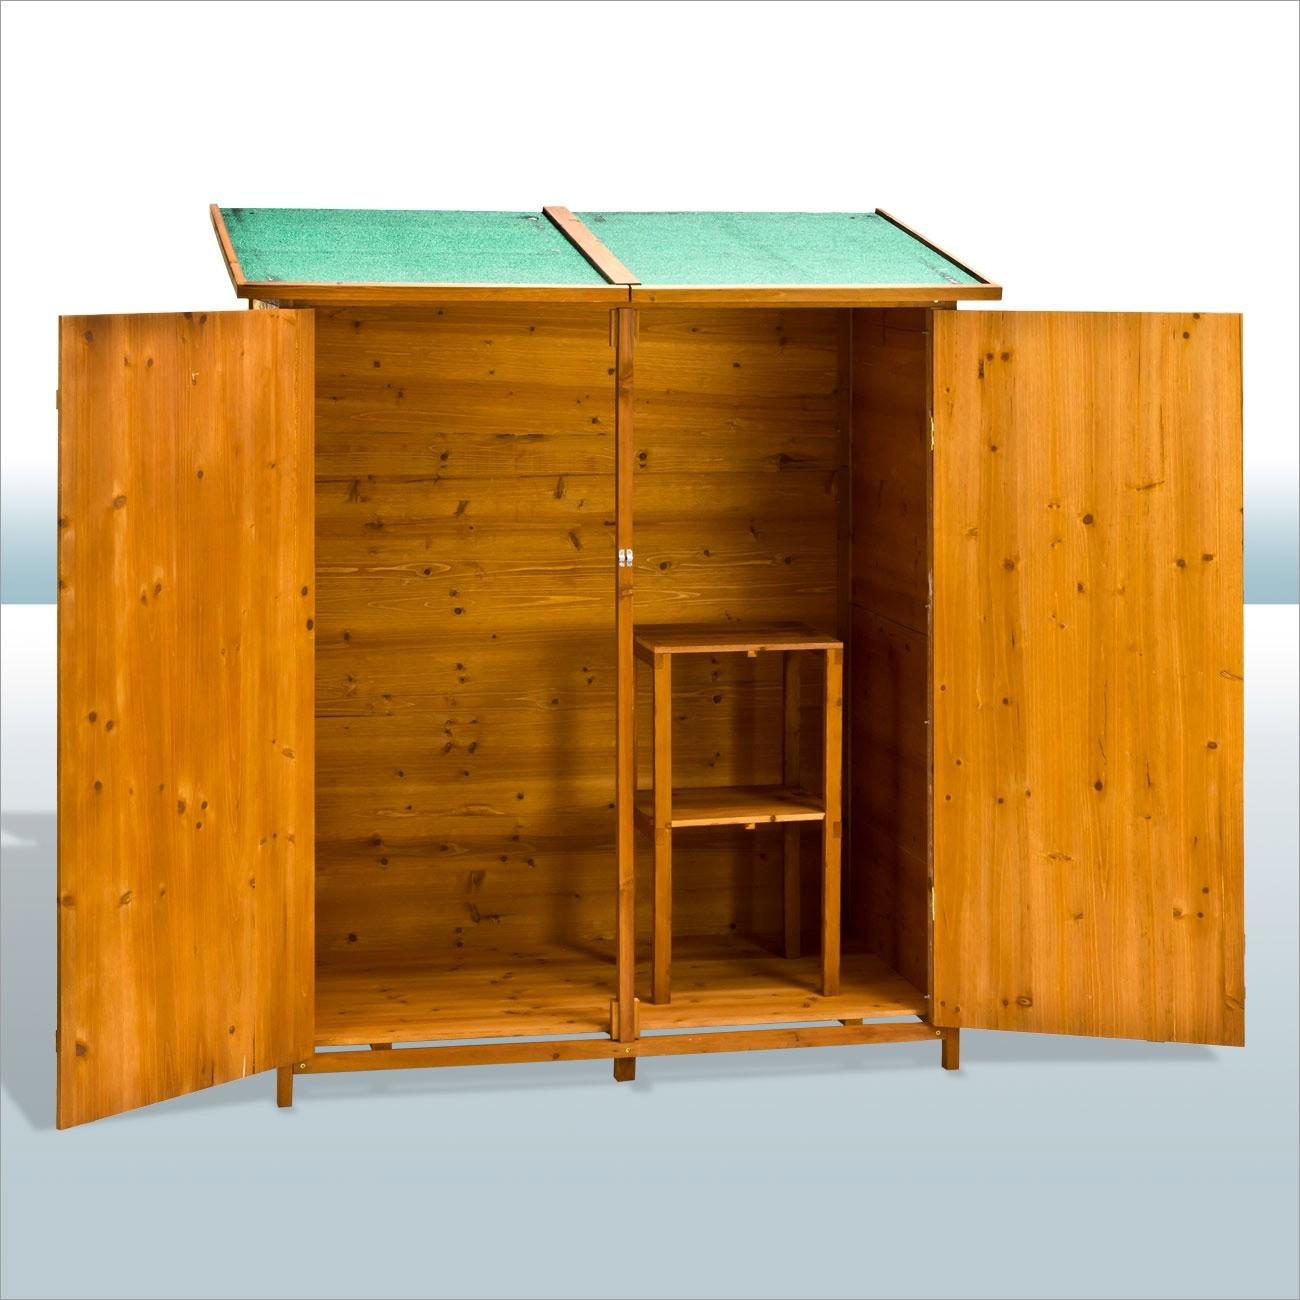 holz ger tehaus ger teschuppen gs2. Black Bedroom Furniture Sets. Home Design Ideas